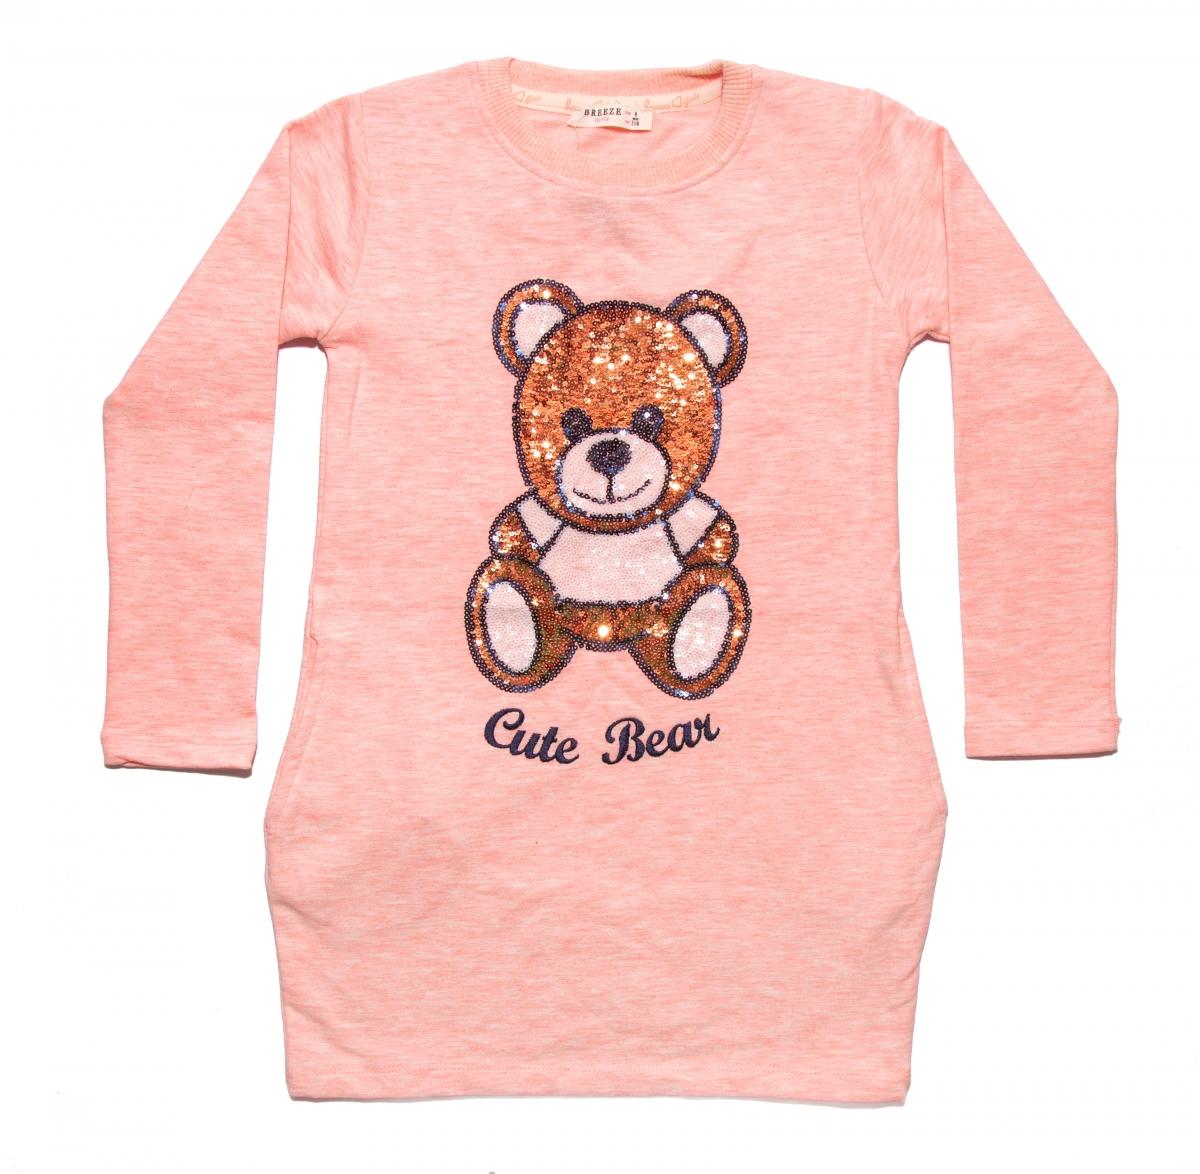 Rochite fete cu maneca lunga ursulet 1778 roz 110-146cm